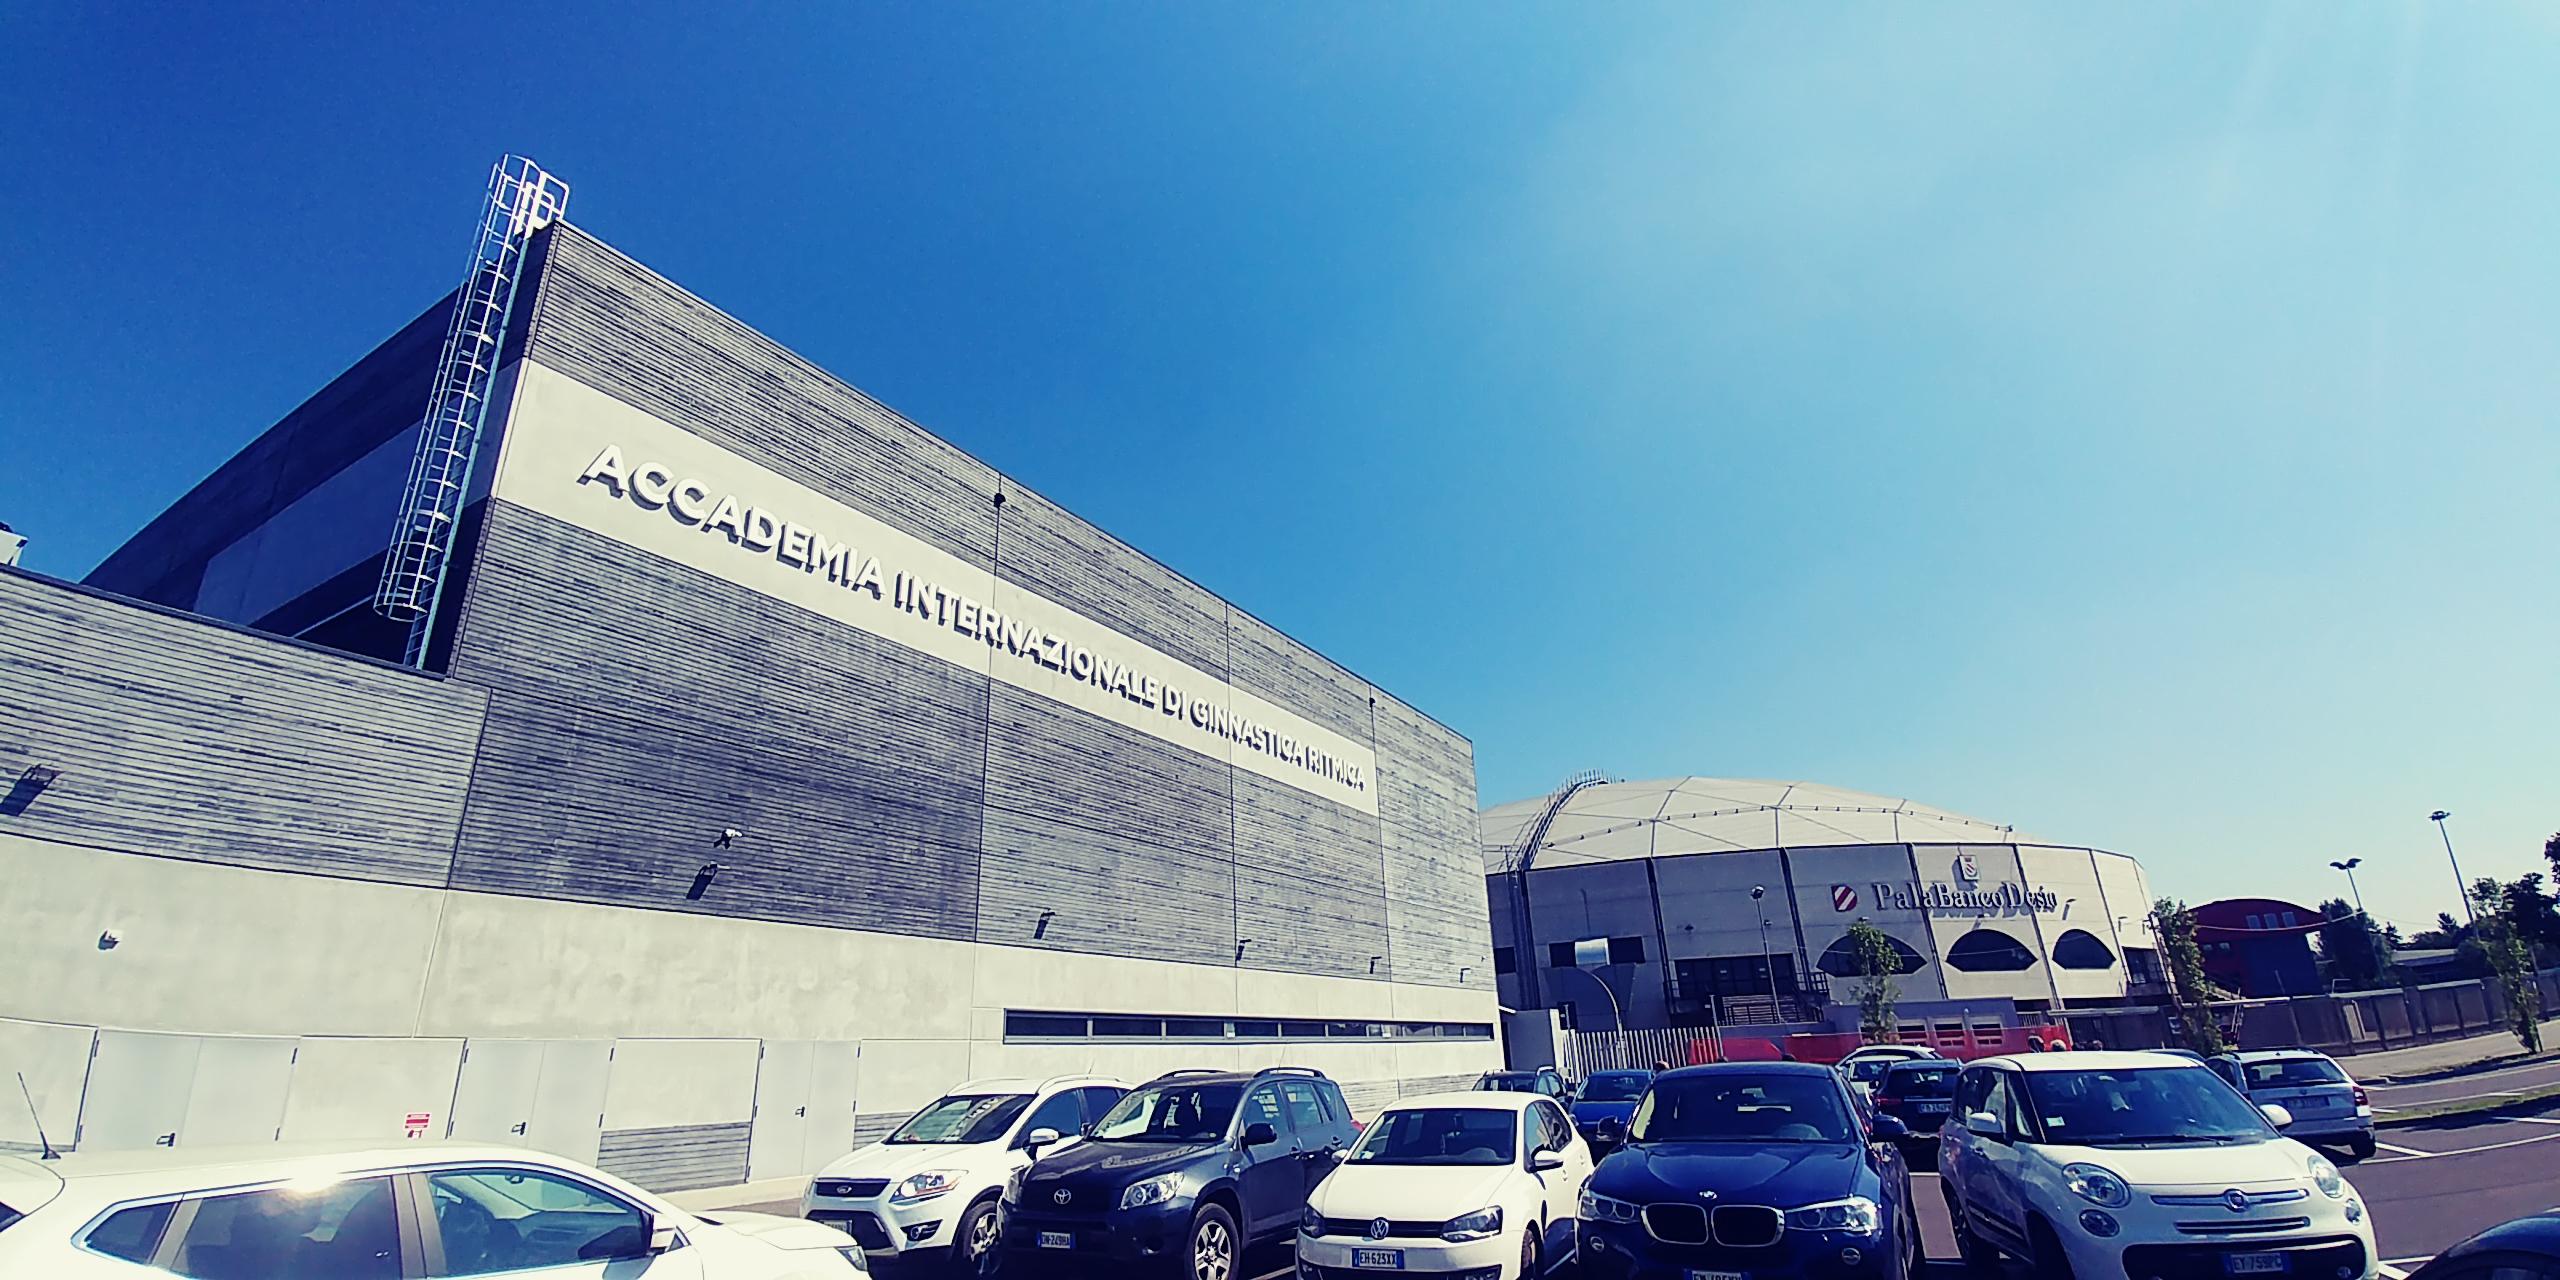 Accademia Internazionale di Ginnastica Ritmica - Coni Servizi S.p.A.